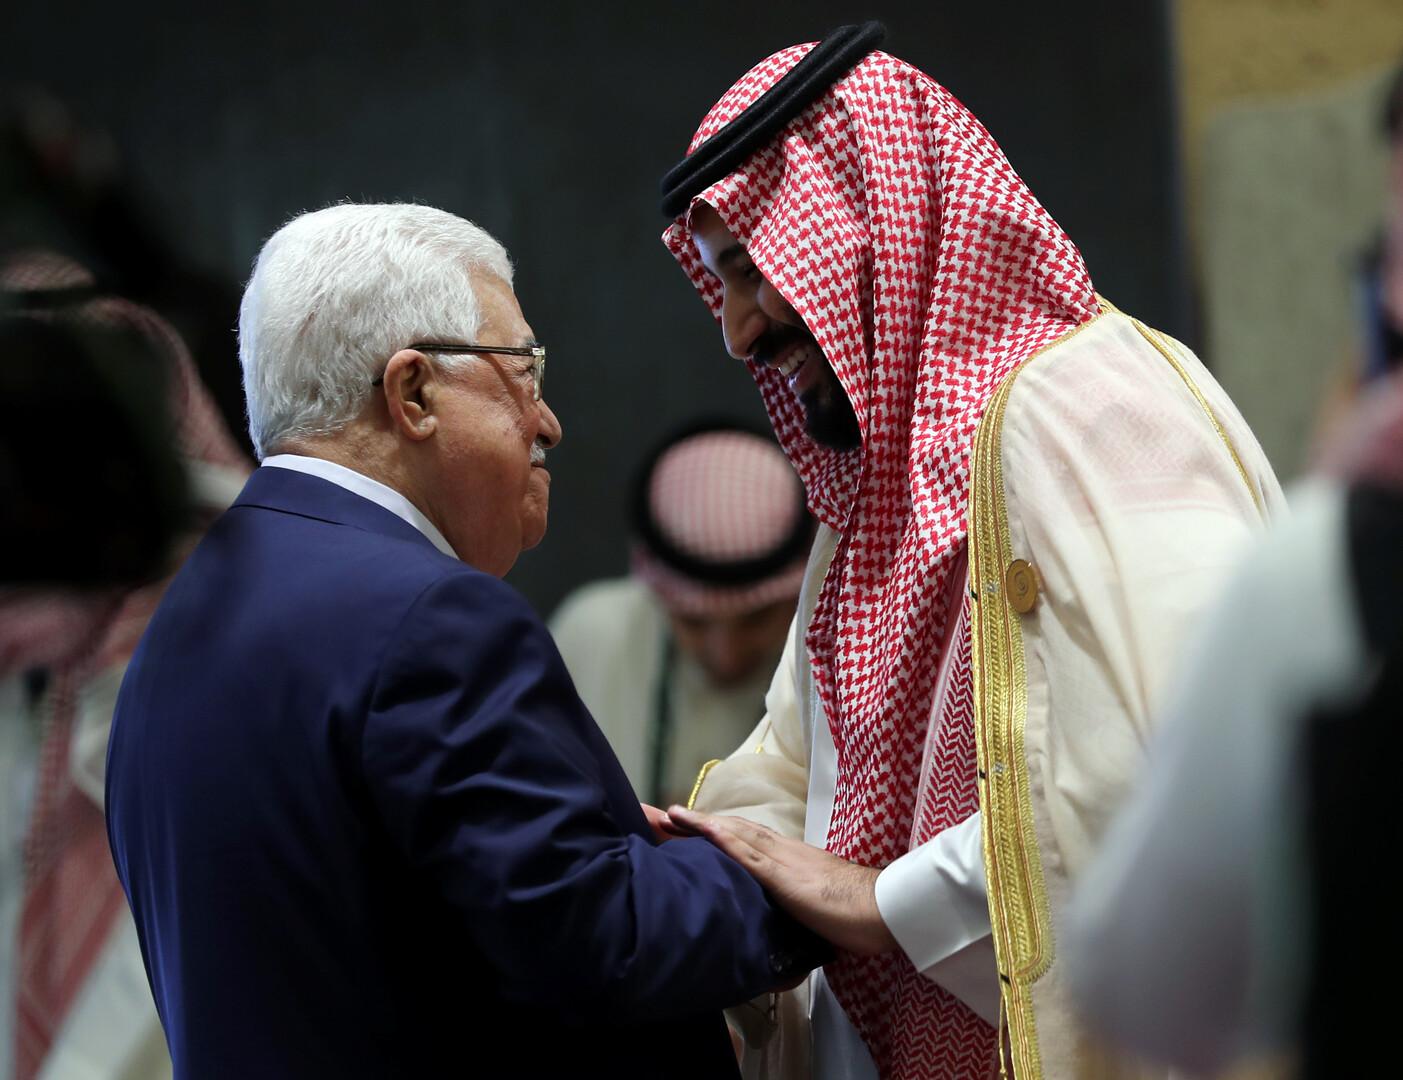 الرئيس الفلسطيني محمود عباس وولي العهد السعودي الأمير محمد بن سلمان